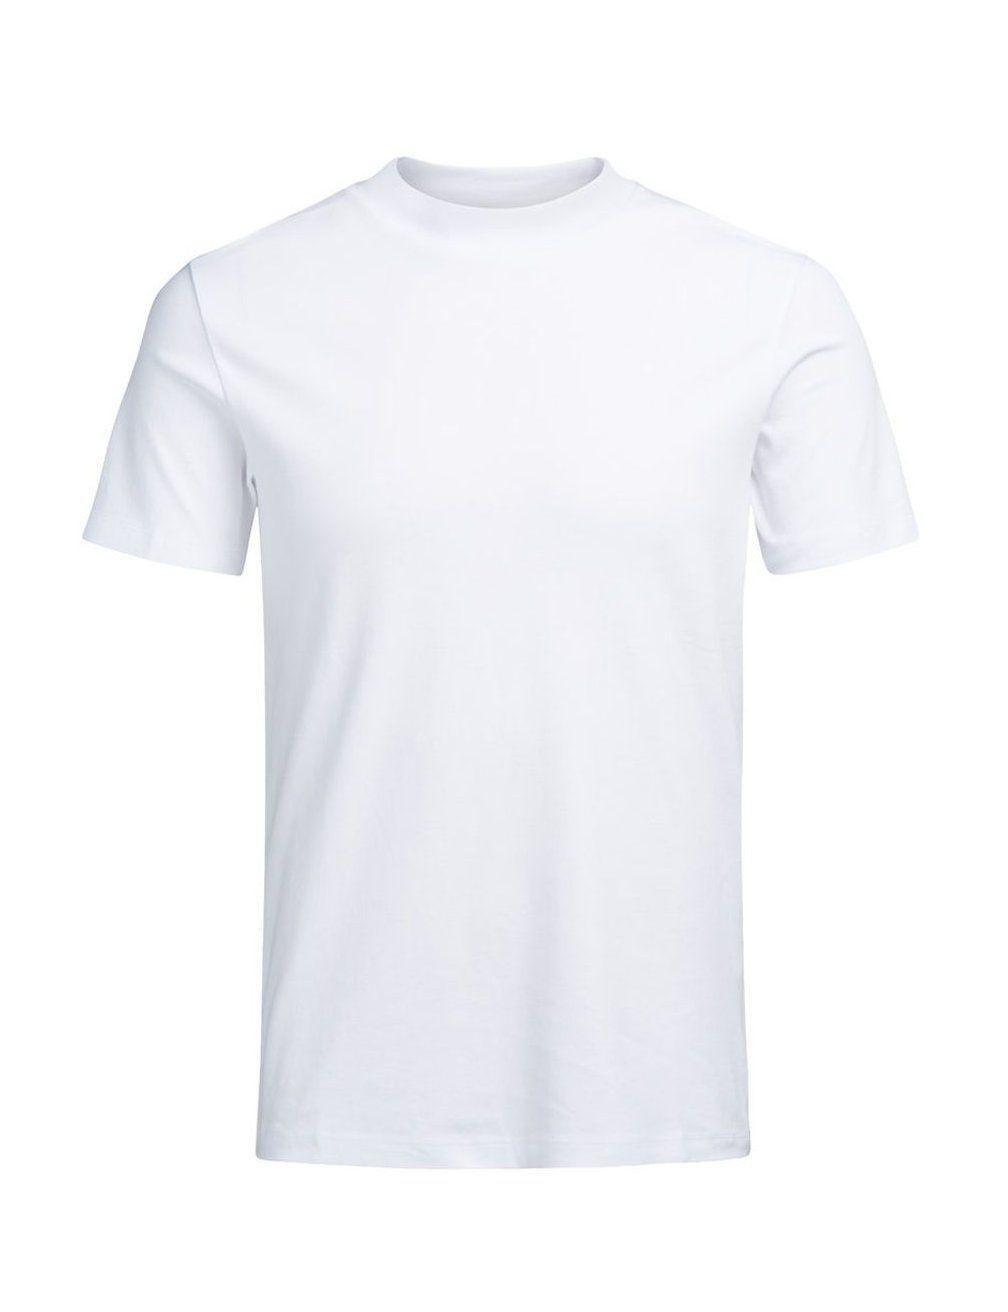 Download High Neck T Shirt Mockup Kaos Polos Hitam Hd Mockupkaospoloshitamhd High Neck T Shirt Baju Kaos Kaos Kaos Sablon